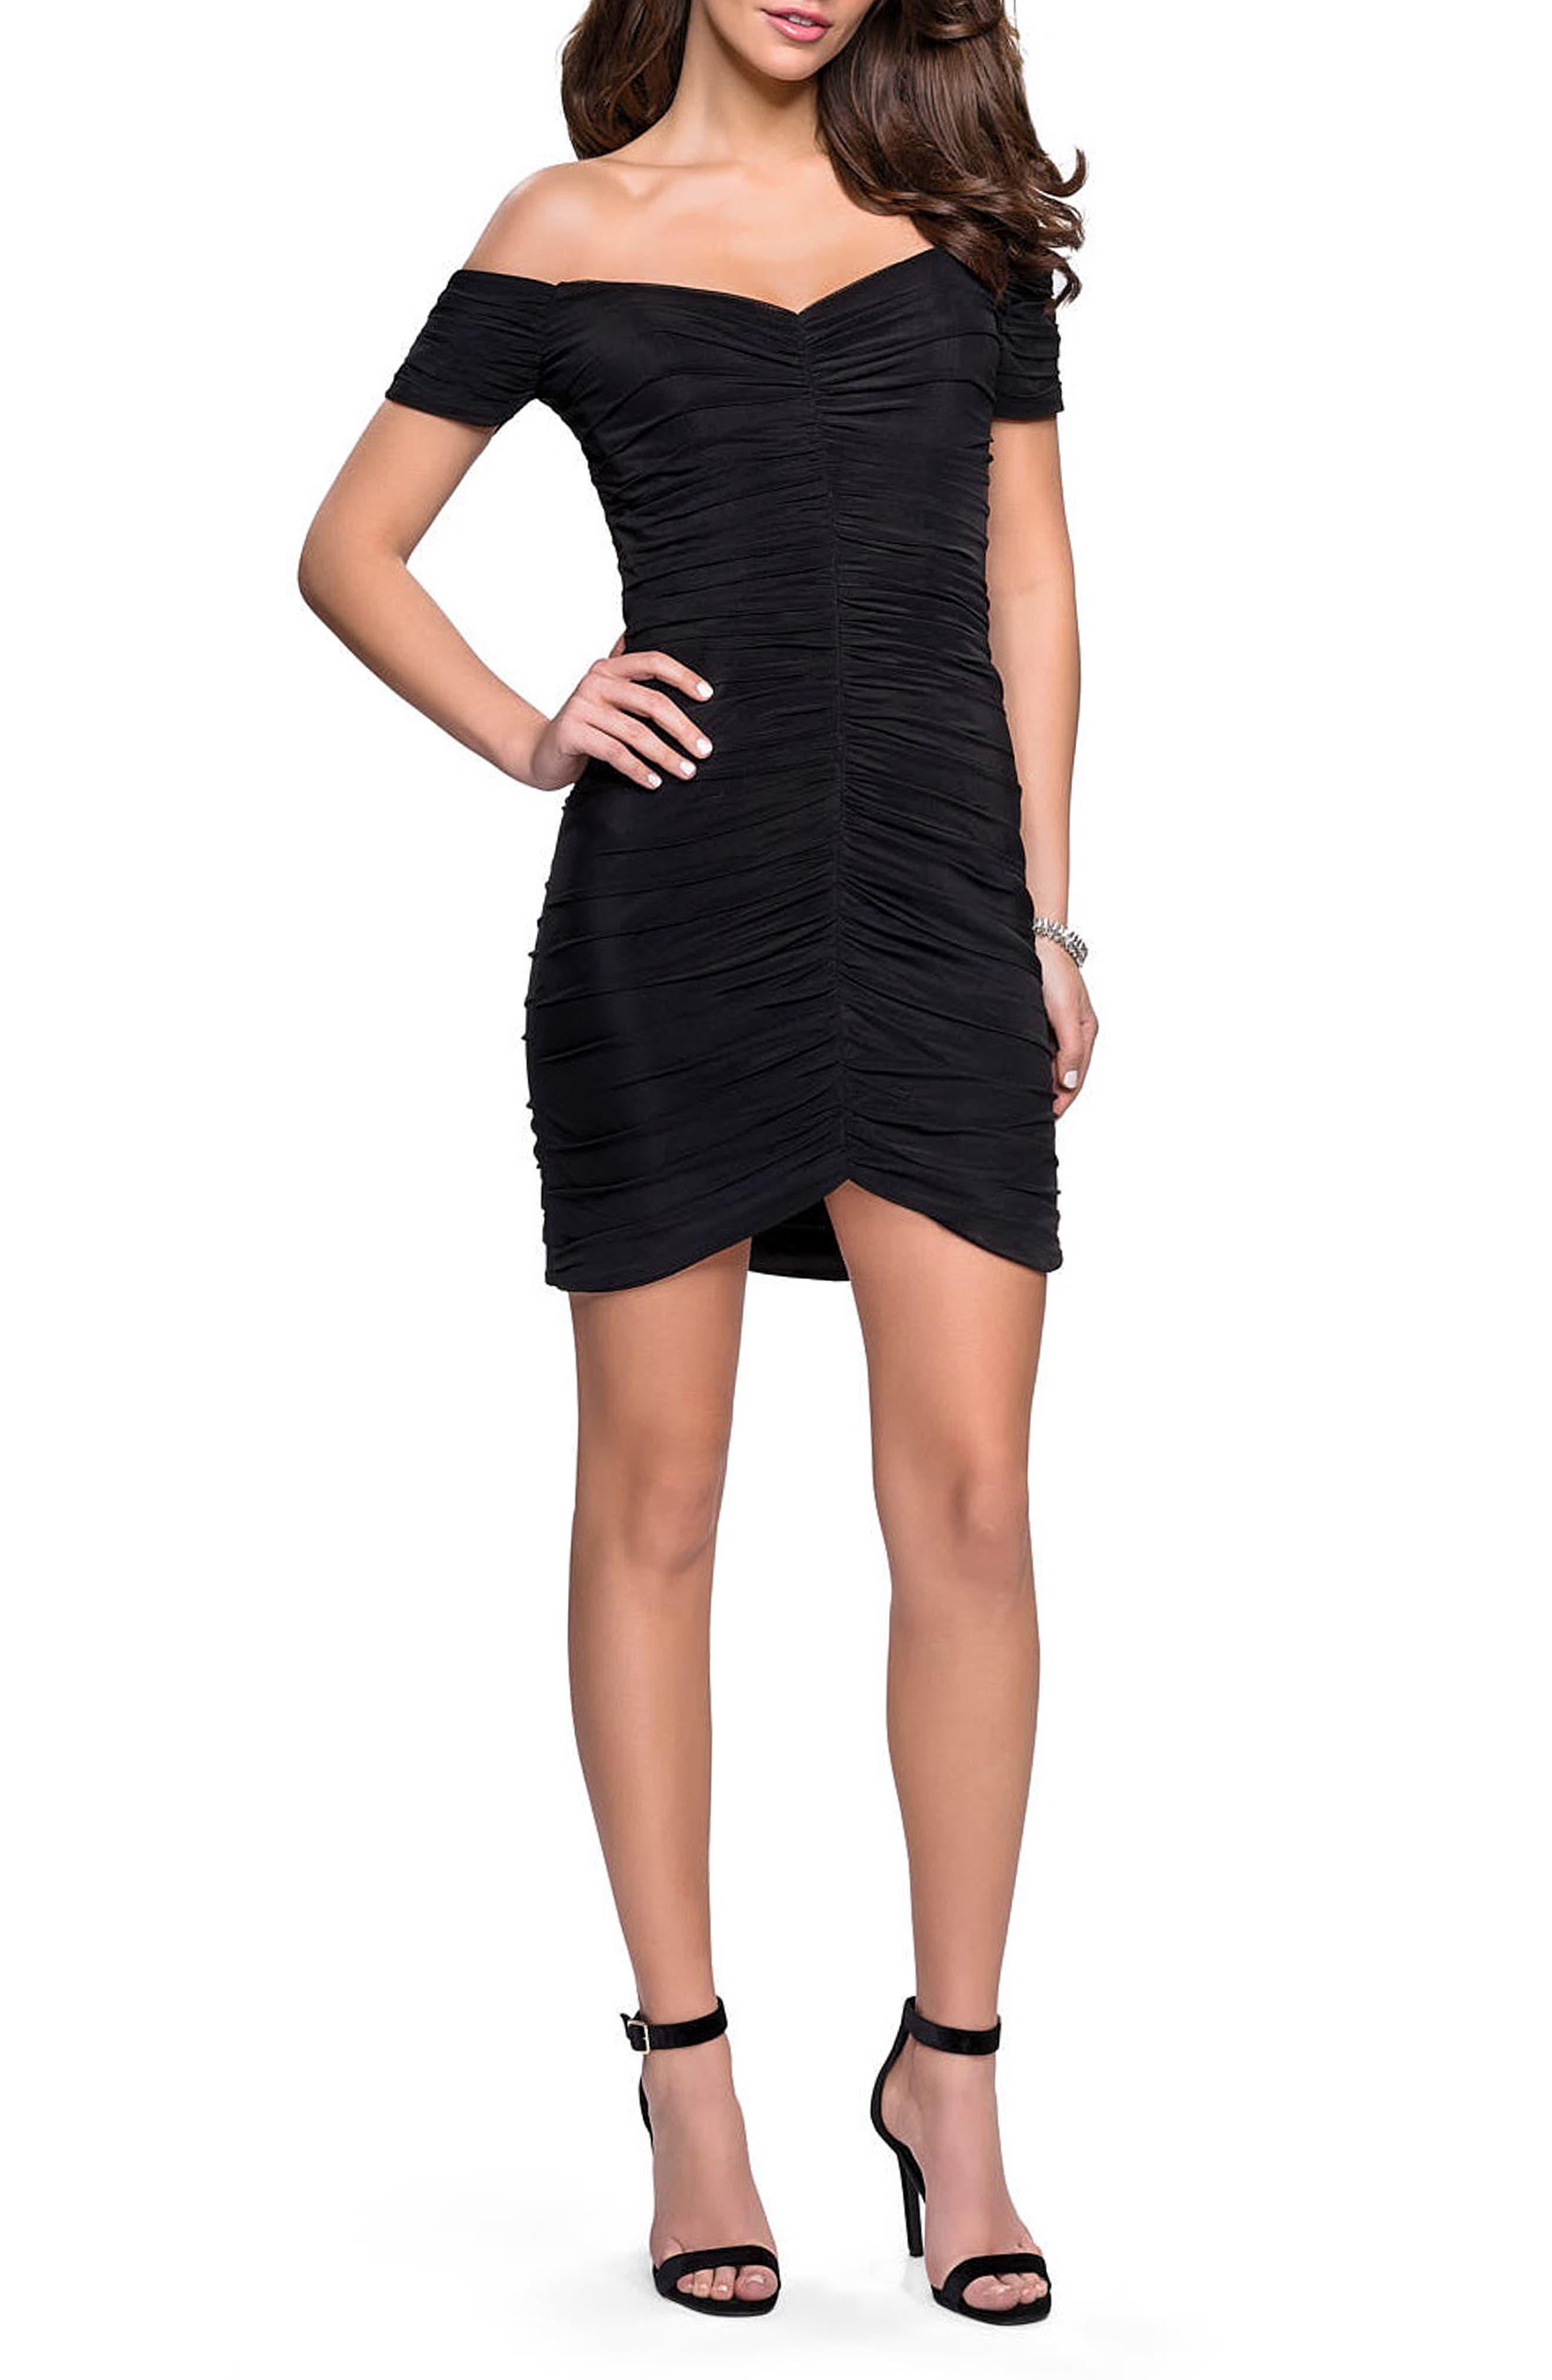 LA FEMME Off The Shoulder Ruched Party Dress in Black